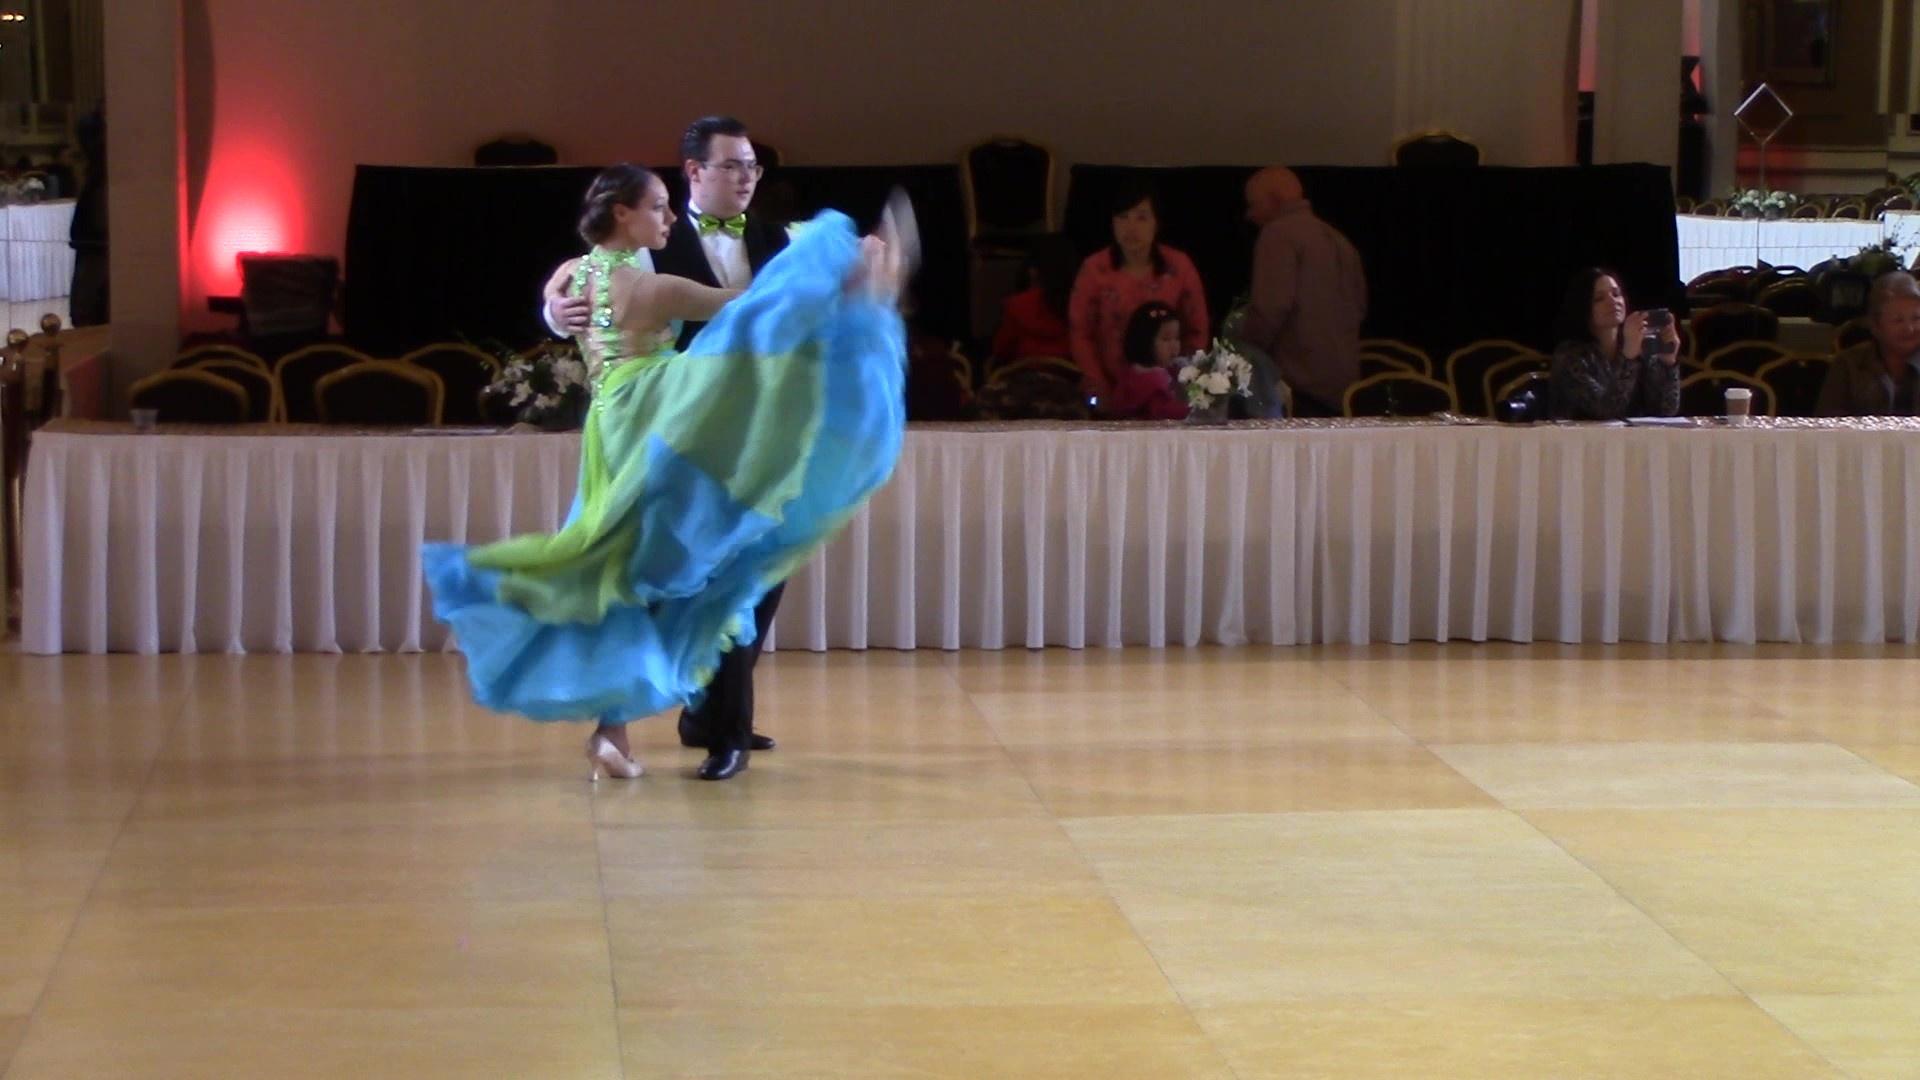 Alexander Schweitzer dances with his dance partner.